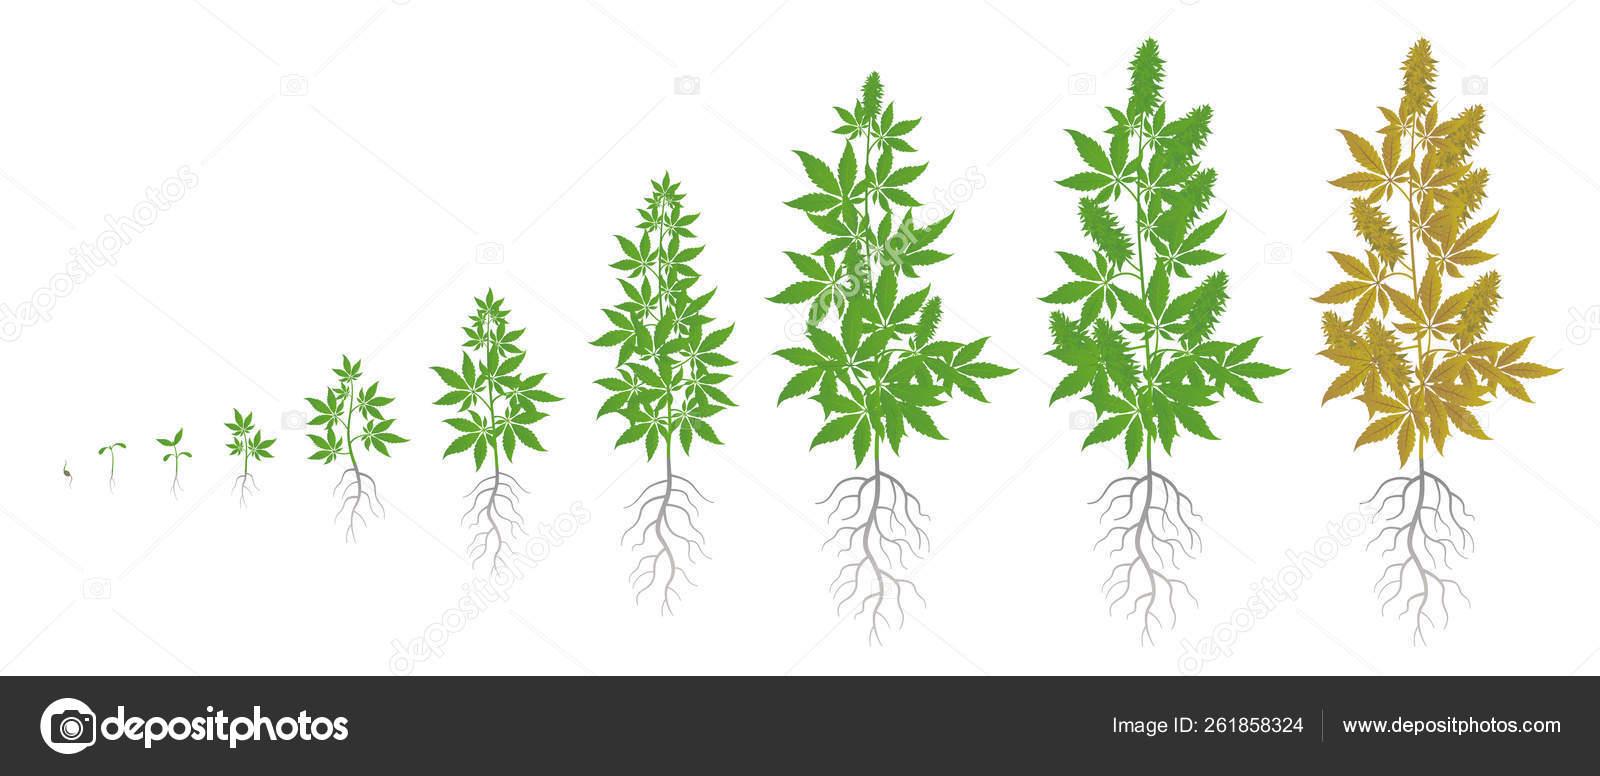 Цикл конопли как определять марихуану по качеству